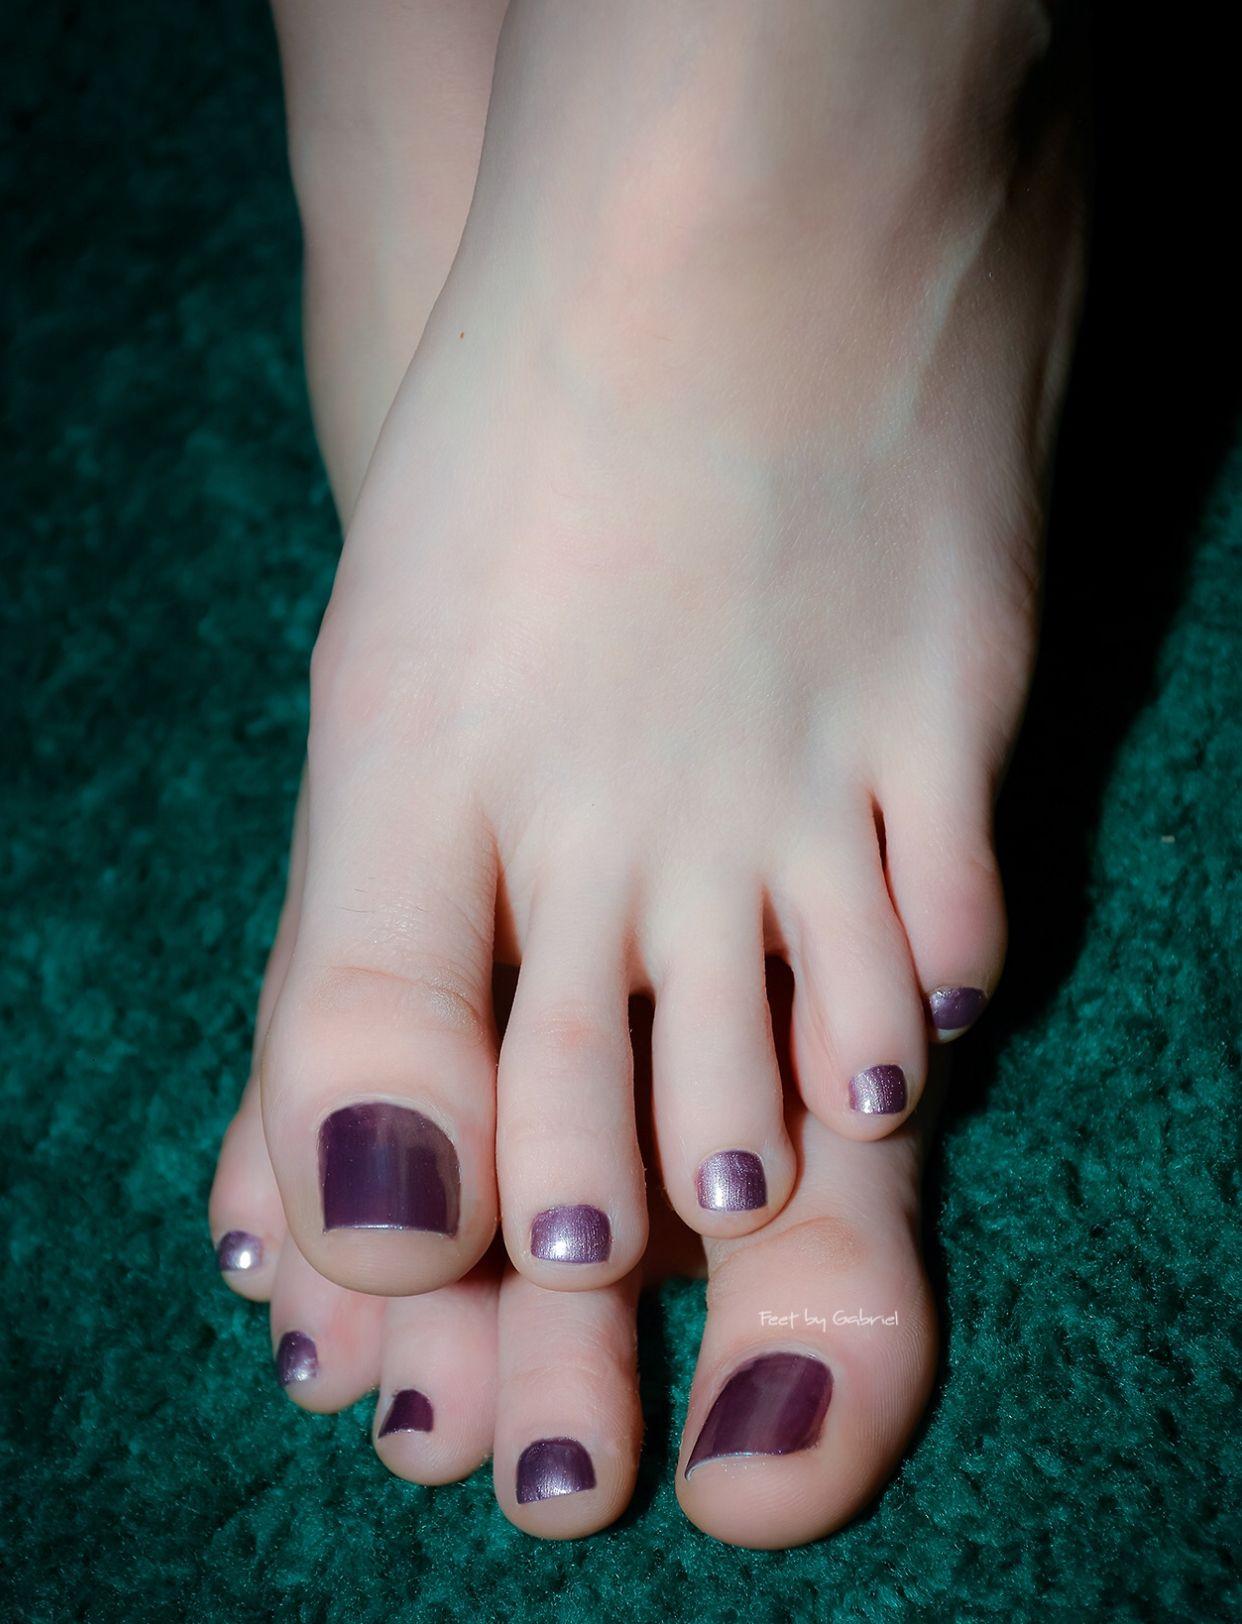 Cute Toes Pretty Toes Foot Pedicure Barefoot Girls Toe Polish Beautiful